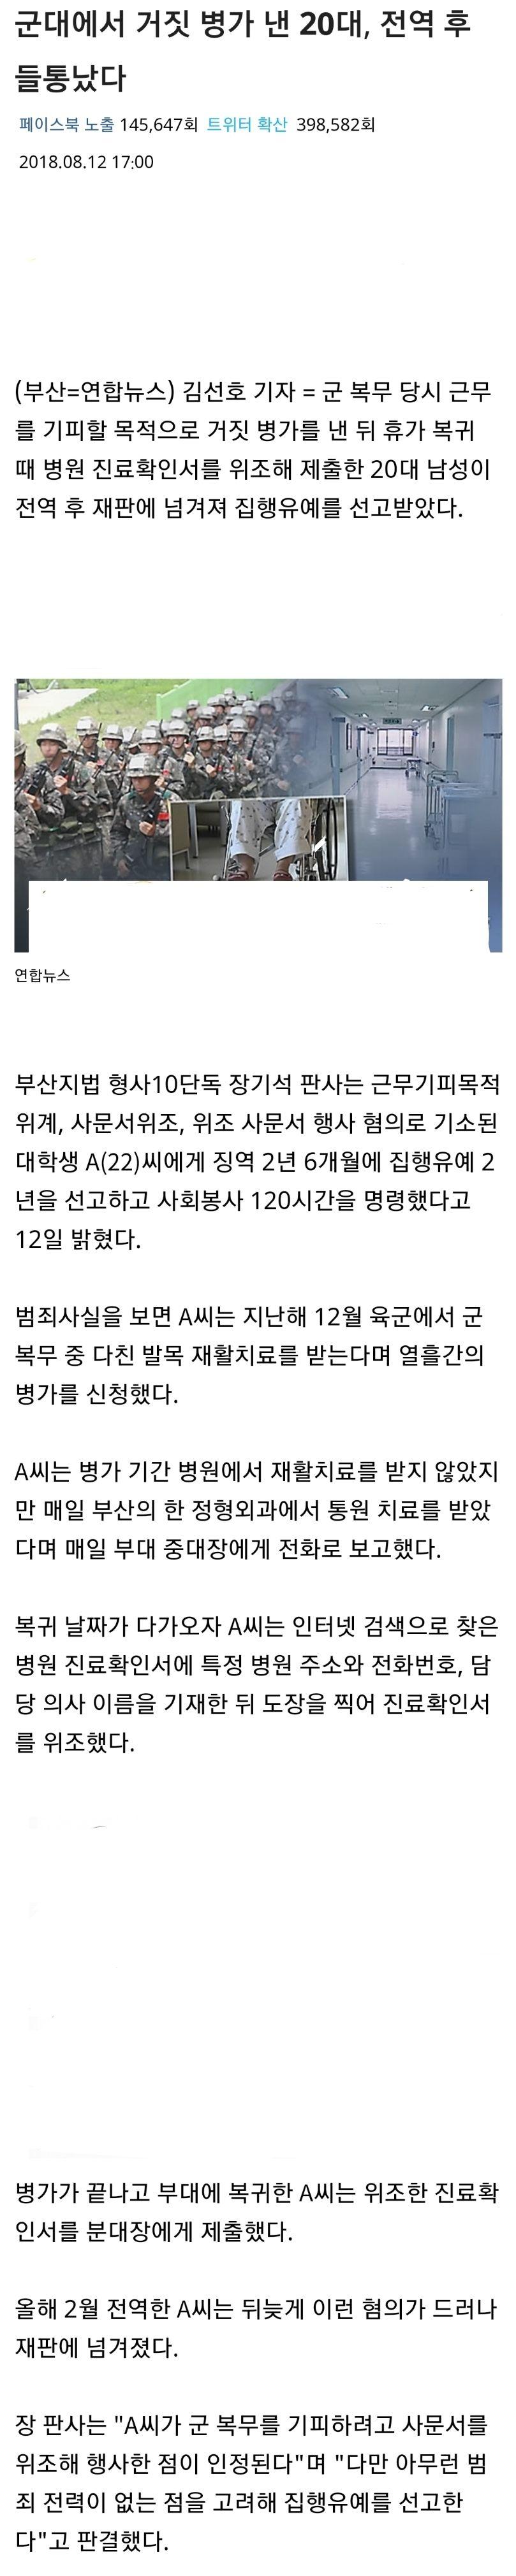 군대 거짓 병가 전역 들통 페이스북 노출 트위터 확산 부산 연합뉴스 선호 기자 복무 당시 근무